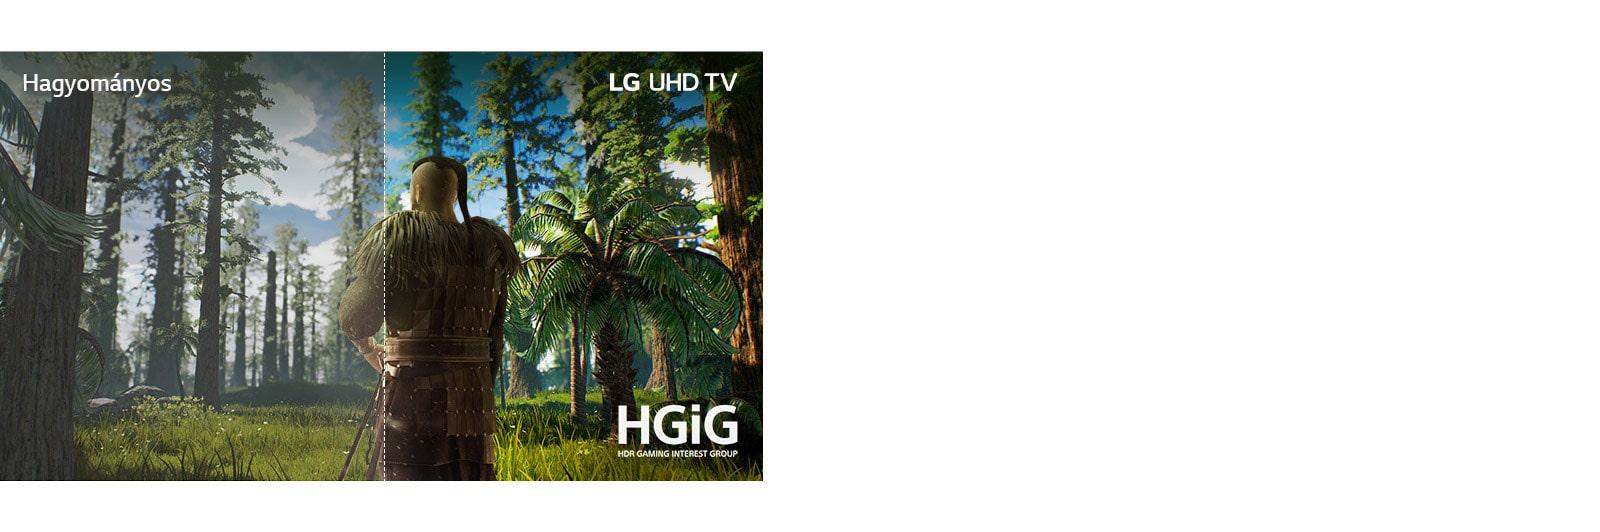 A TV képernyőjén egy jelenet jelenik meg egy játékból, melyben egy férfi áll az erdő közepén. A kép fele hagyományos képernyőn jelenik meg gyenge képminőséggel. A másik fele LG UHD TV-n élesen, élénk színekkel és kiváló képminőséggel.